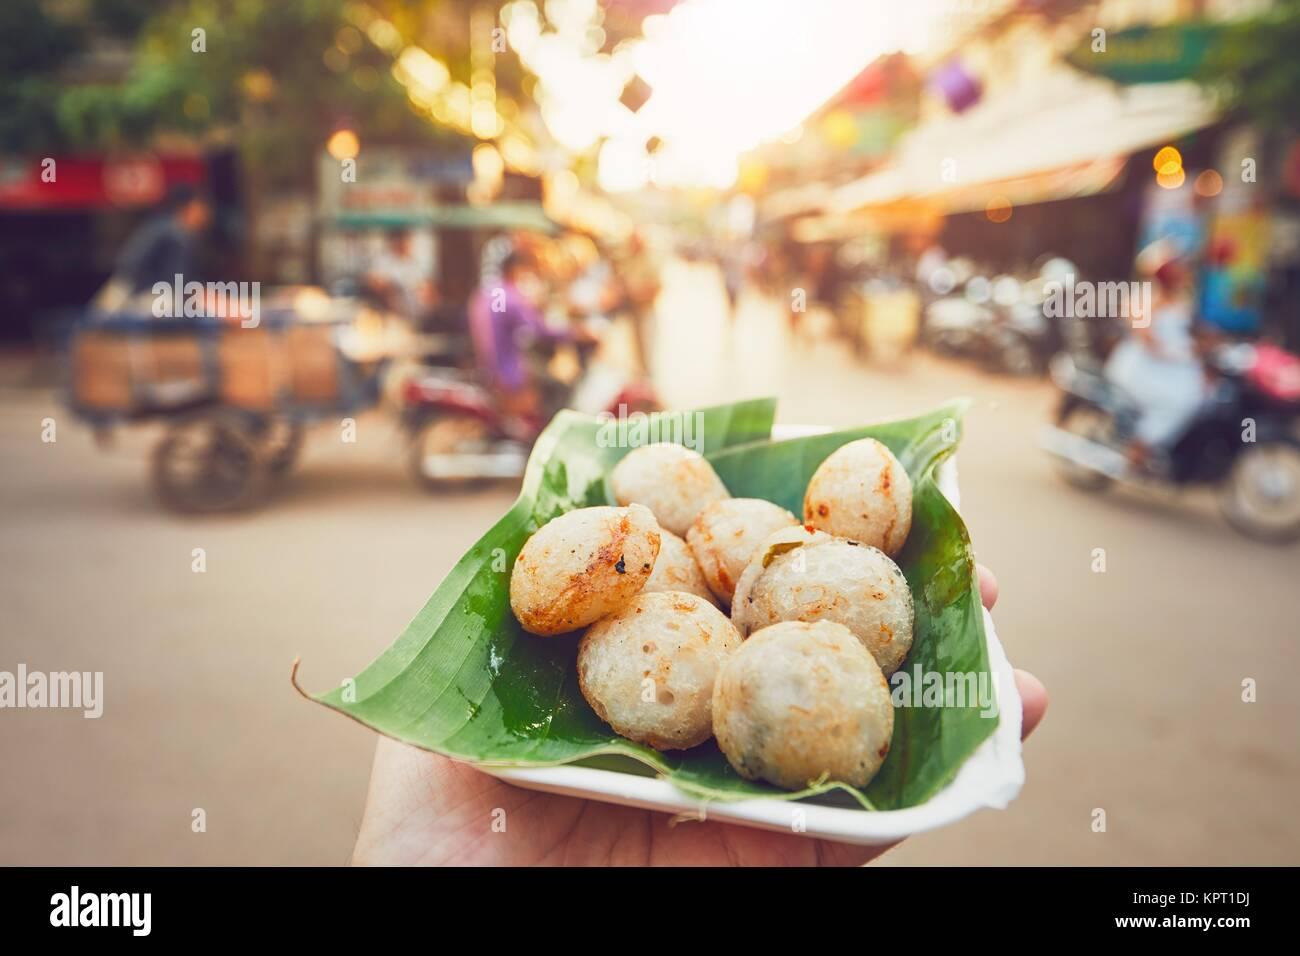 Hand der Mann hält Schüssel mit süßen Kokosnuss essen. Belebten Straße mit vielen Restaurants, Stockbild